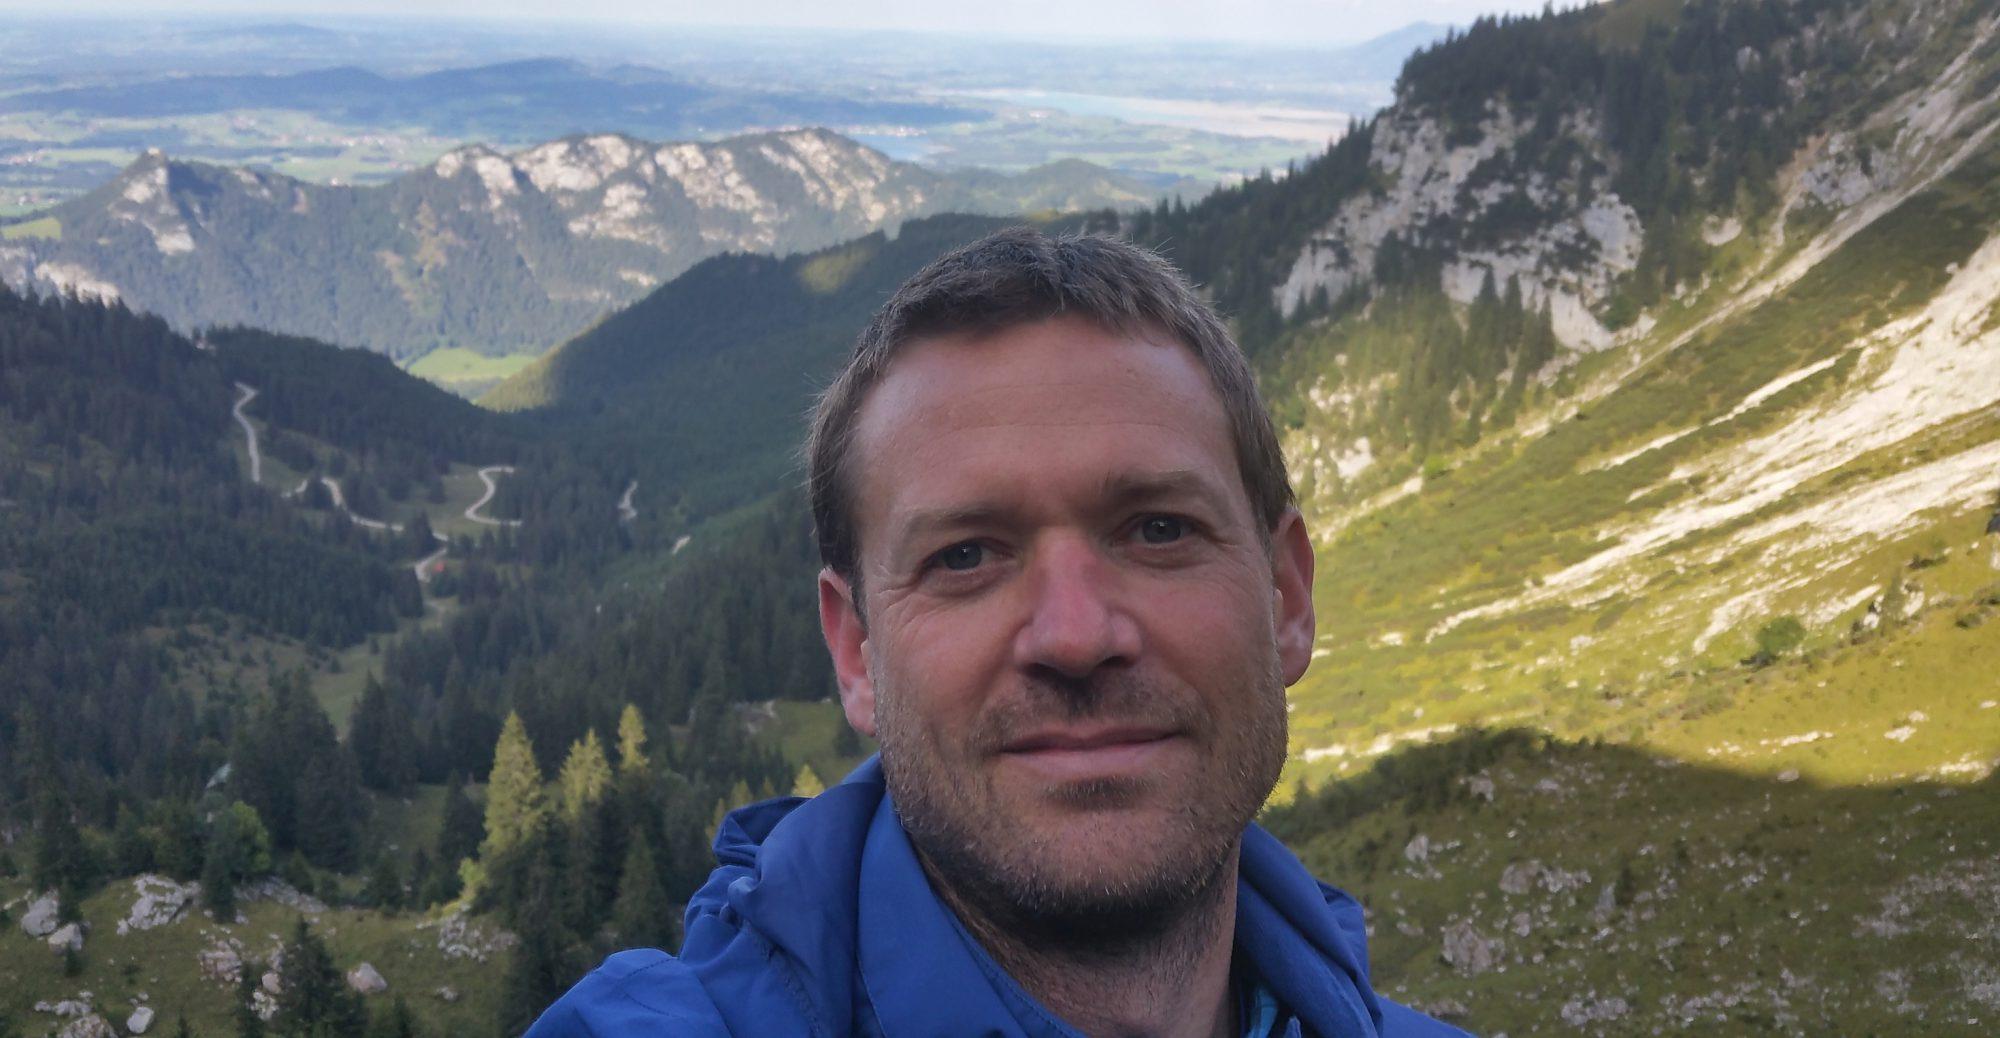 Daniel Sieben